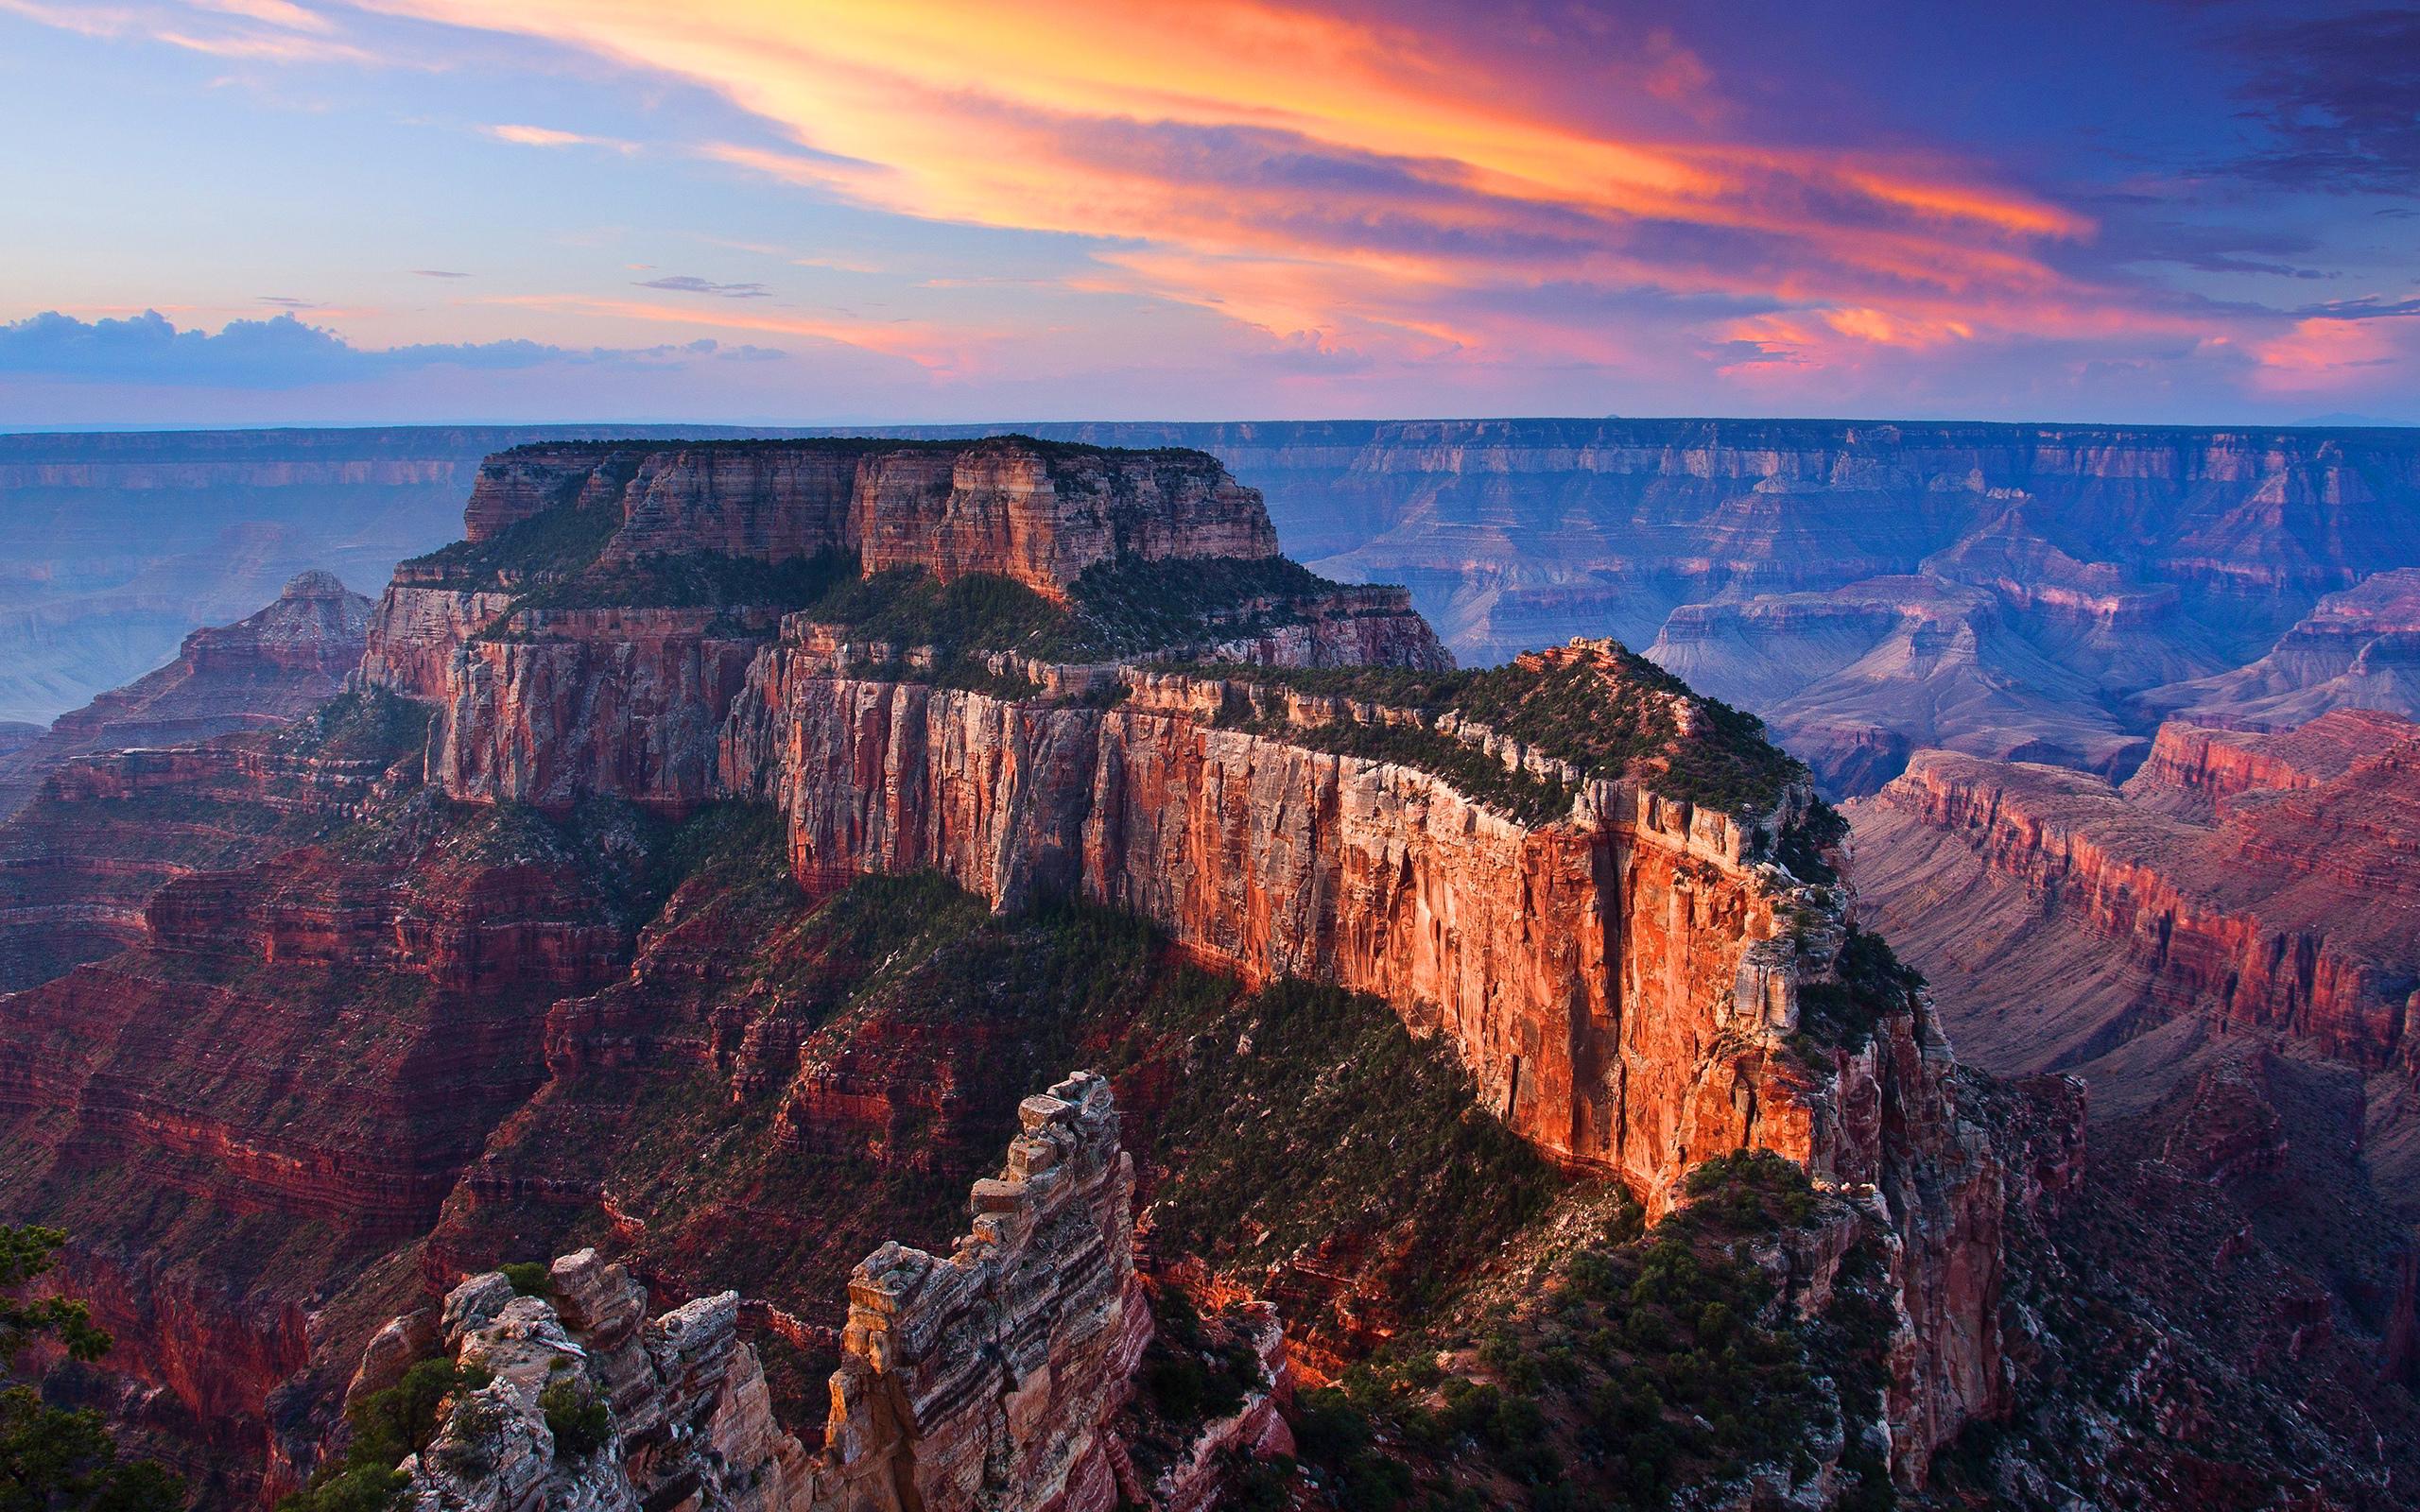 canyon wallpaper grand - HD Desktop Wallpapers | 4k HD